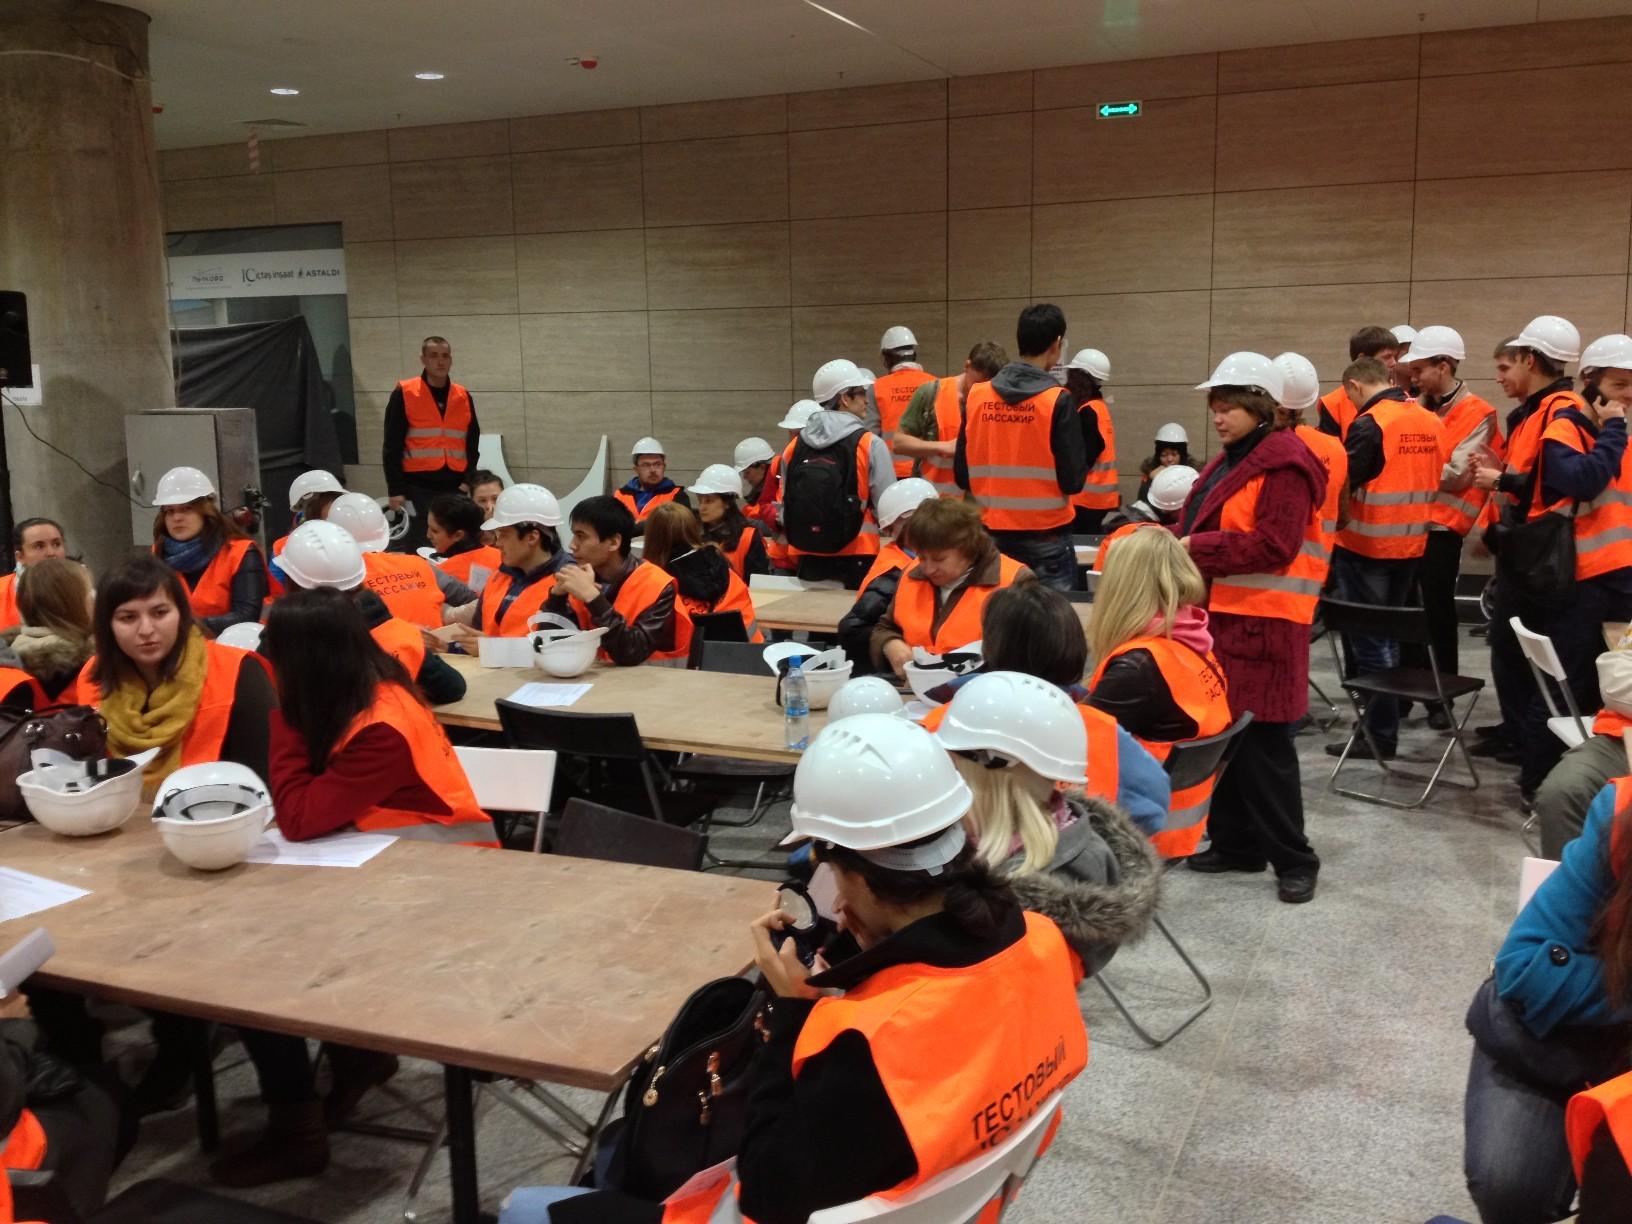 Волонтеры в ожидании брифинга